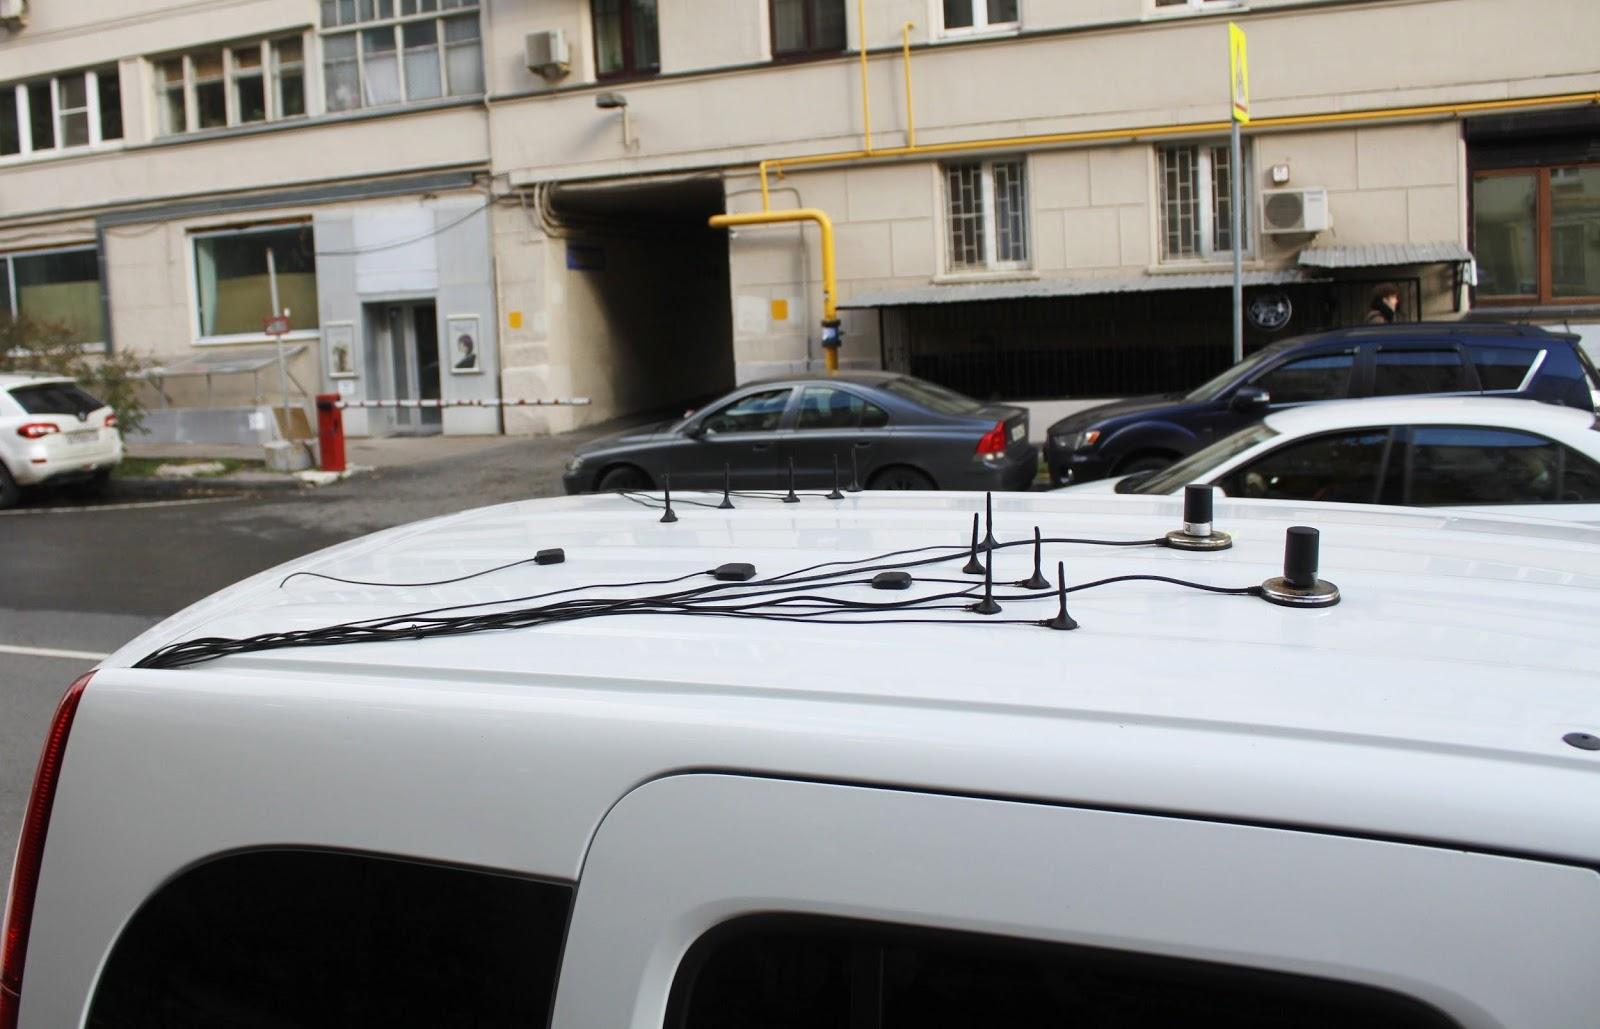 Ежики на колесах: как мы поддерживаем качество связи в Москве - 14